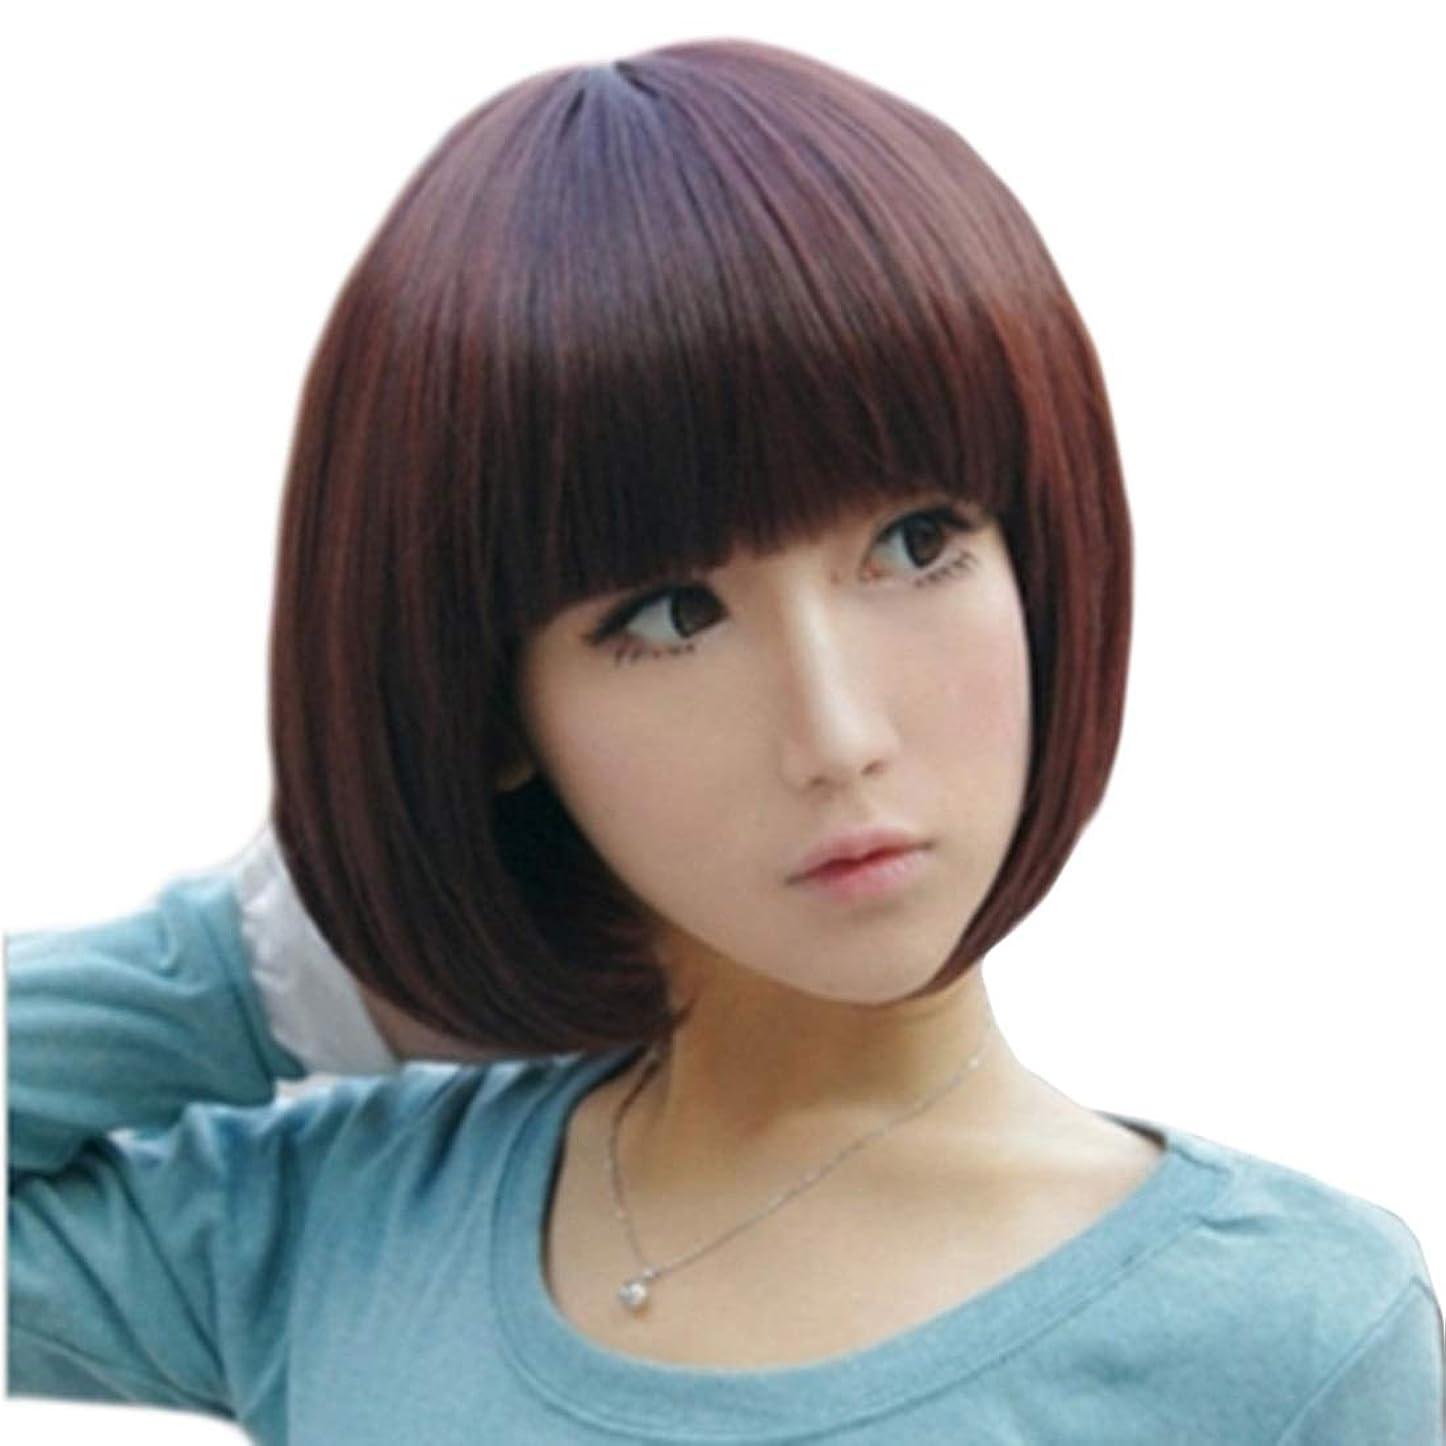 つかの間ずらす暗殺Summerys 本物の髪のように自然な女性のための平らな前髪でストレートショートボブの髪かつら